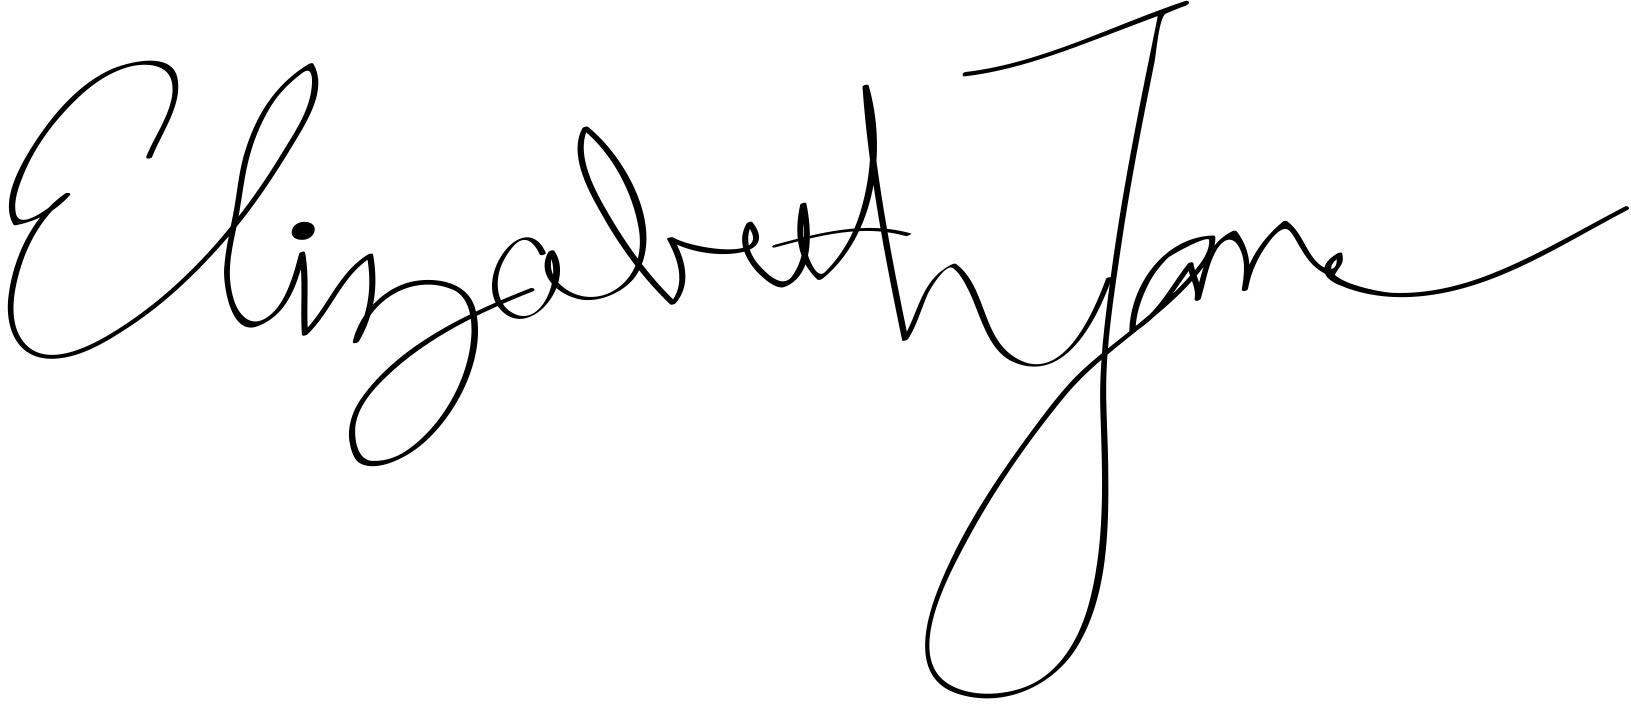 Elizabeth Jane's Signature